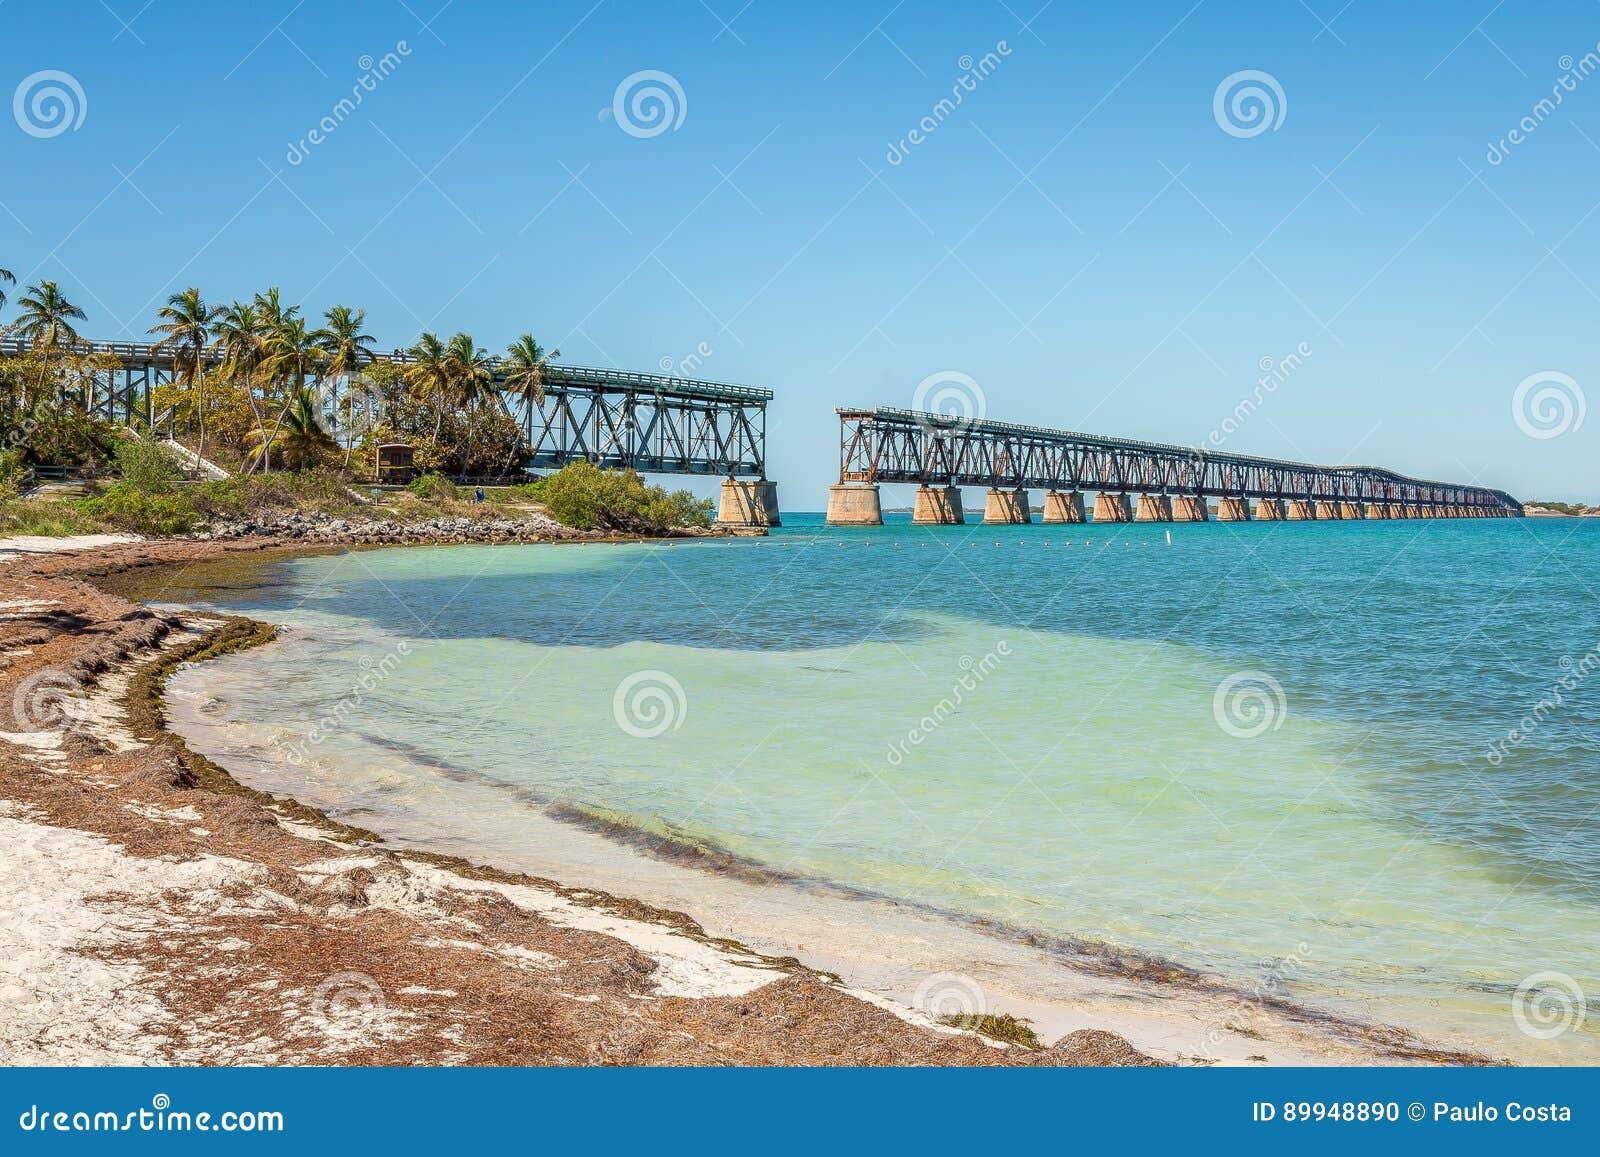 Pont en longeron du Bahia Honda